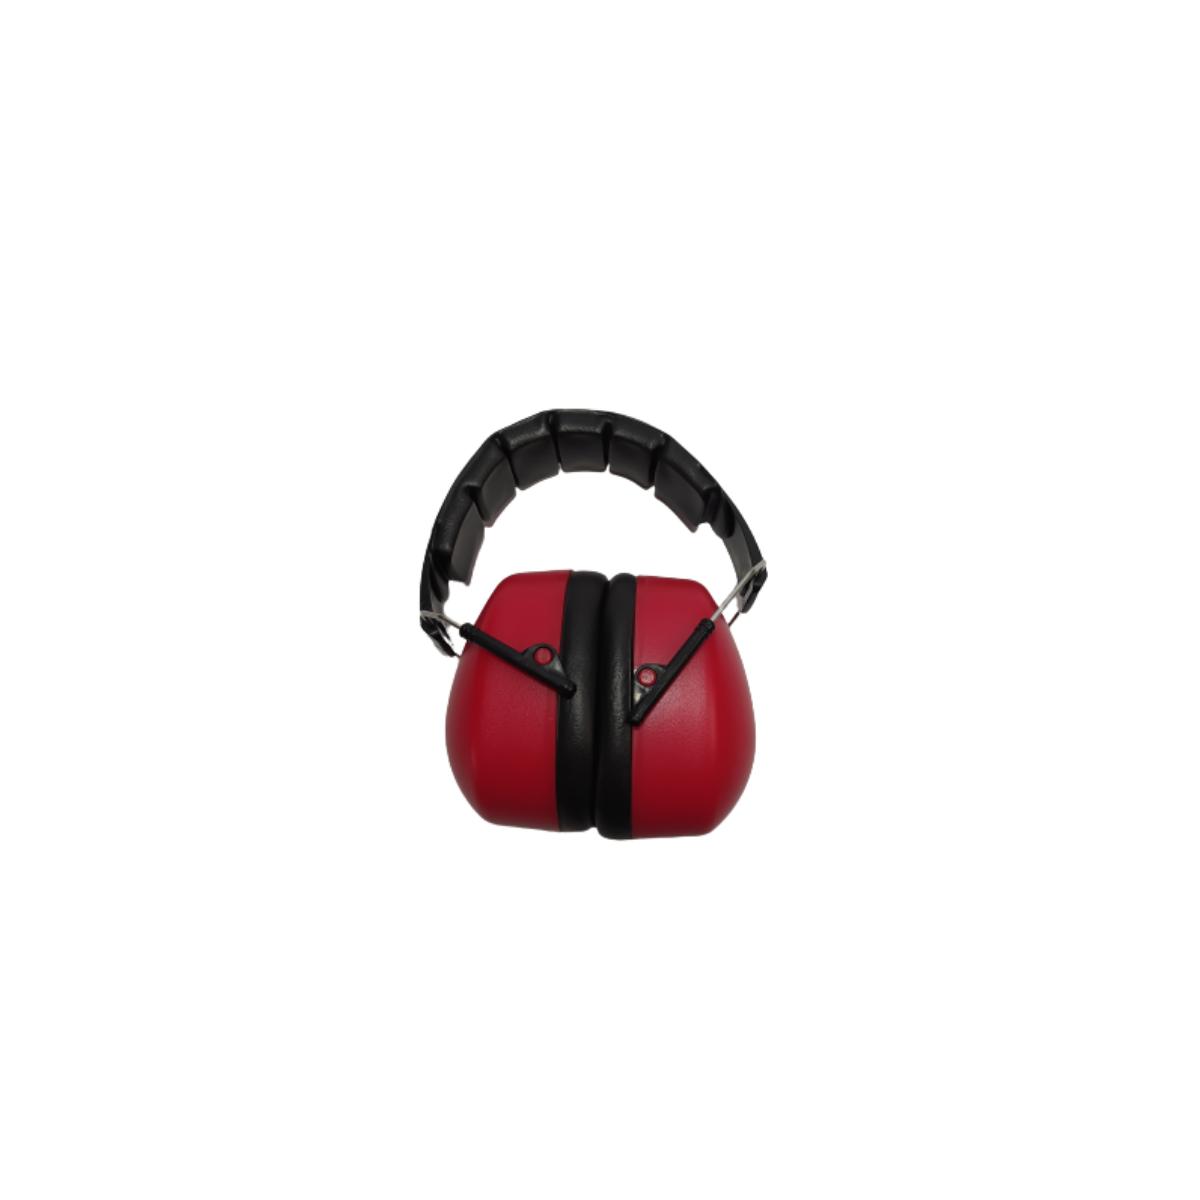 Protetor Auditivo tipo concha (43010)